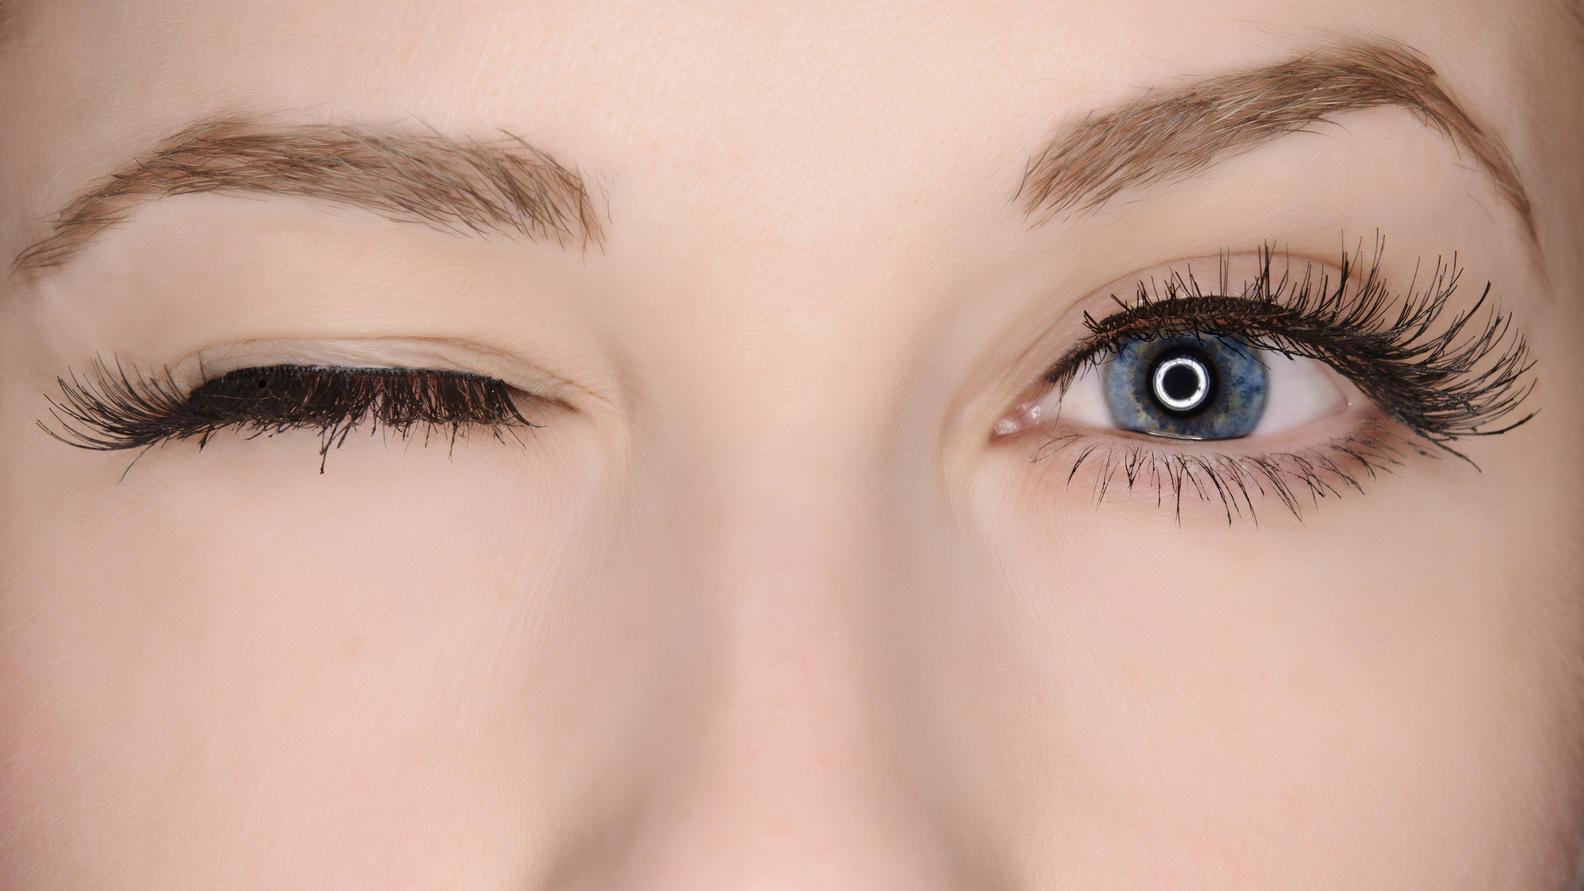 Wimpernverlängerung – Meine Erfahrung vor, während und nach der Wimpernverlängerung